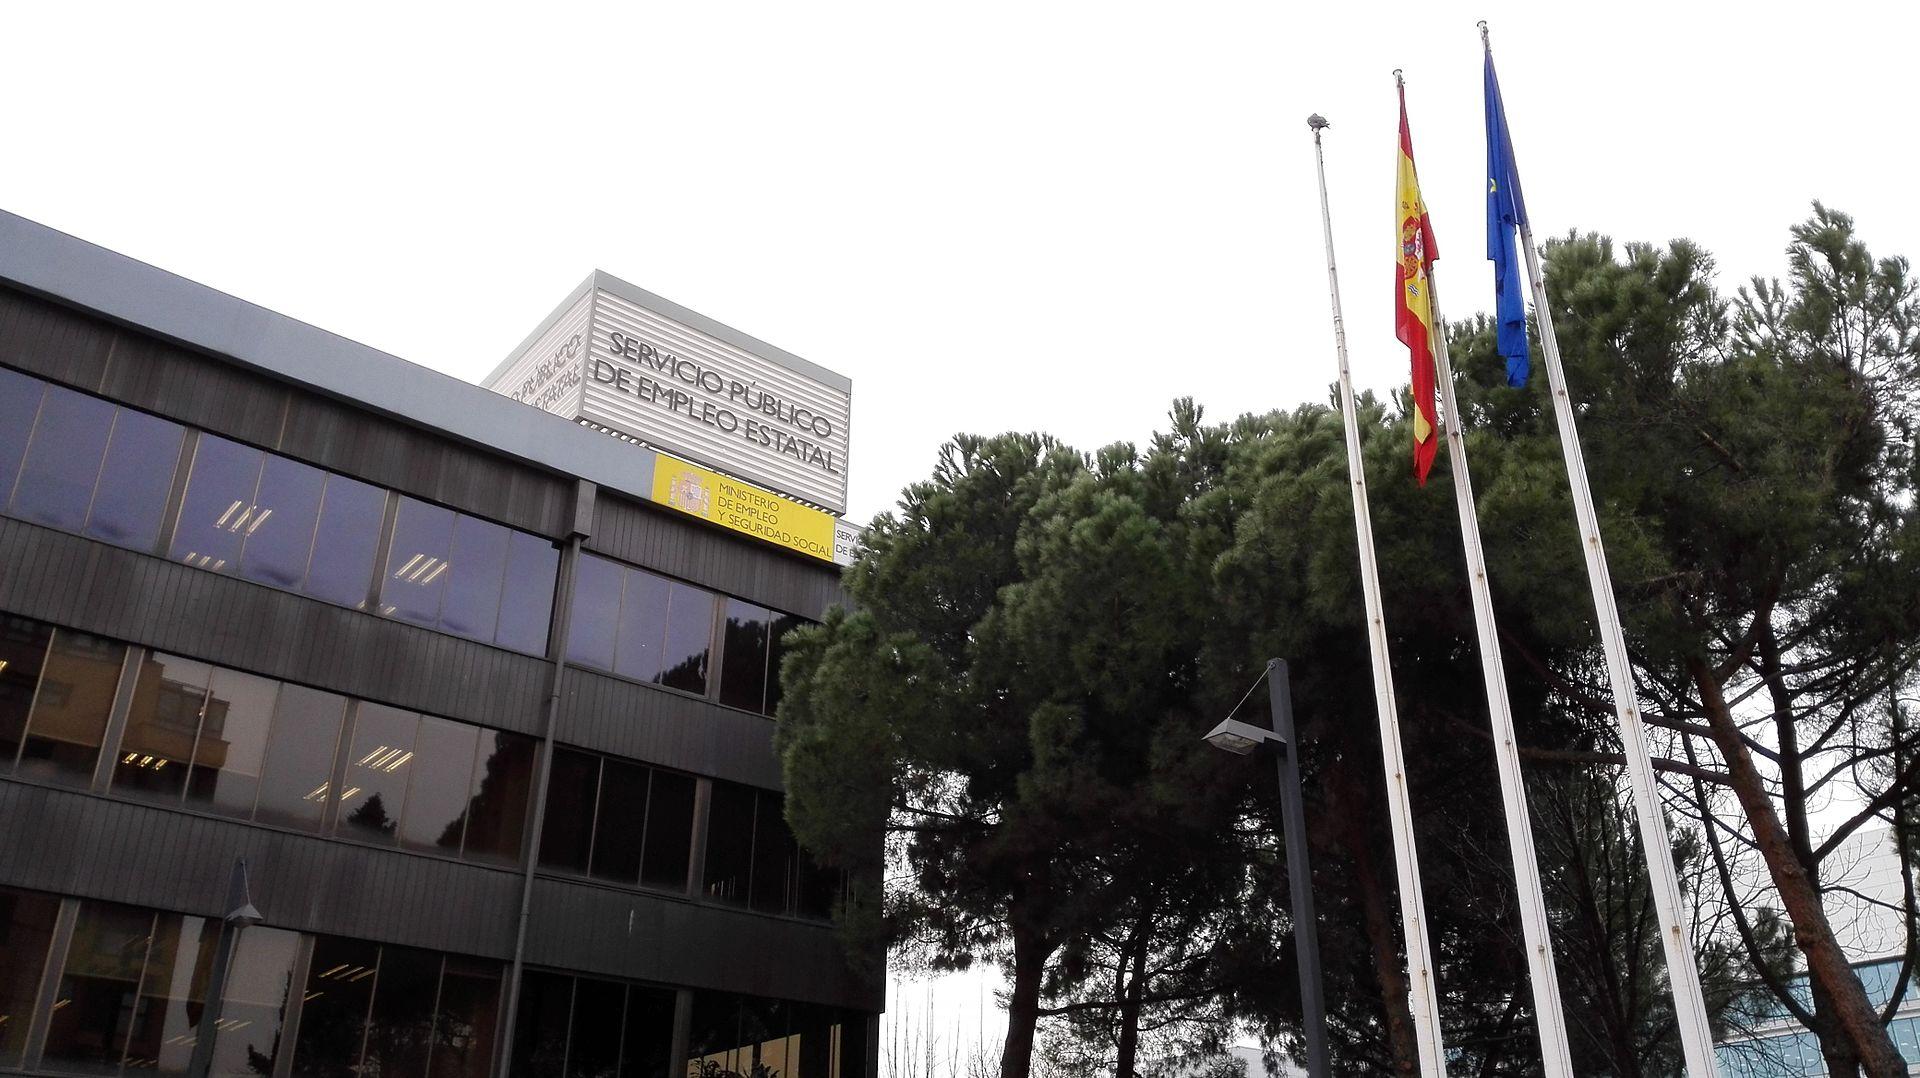 Oficinas centrales de SEPE.